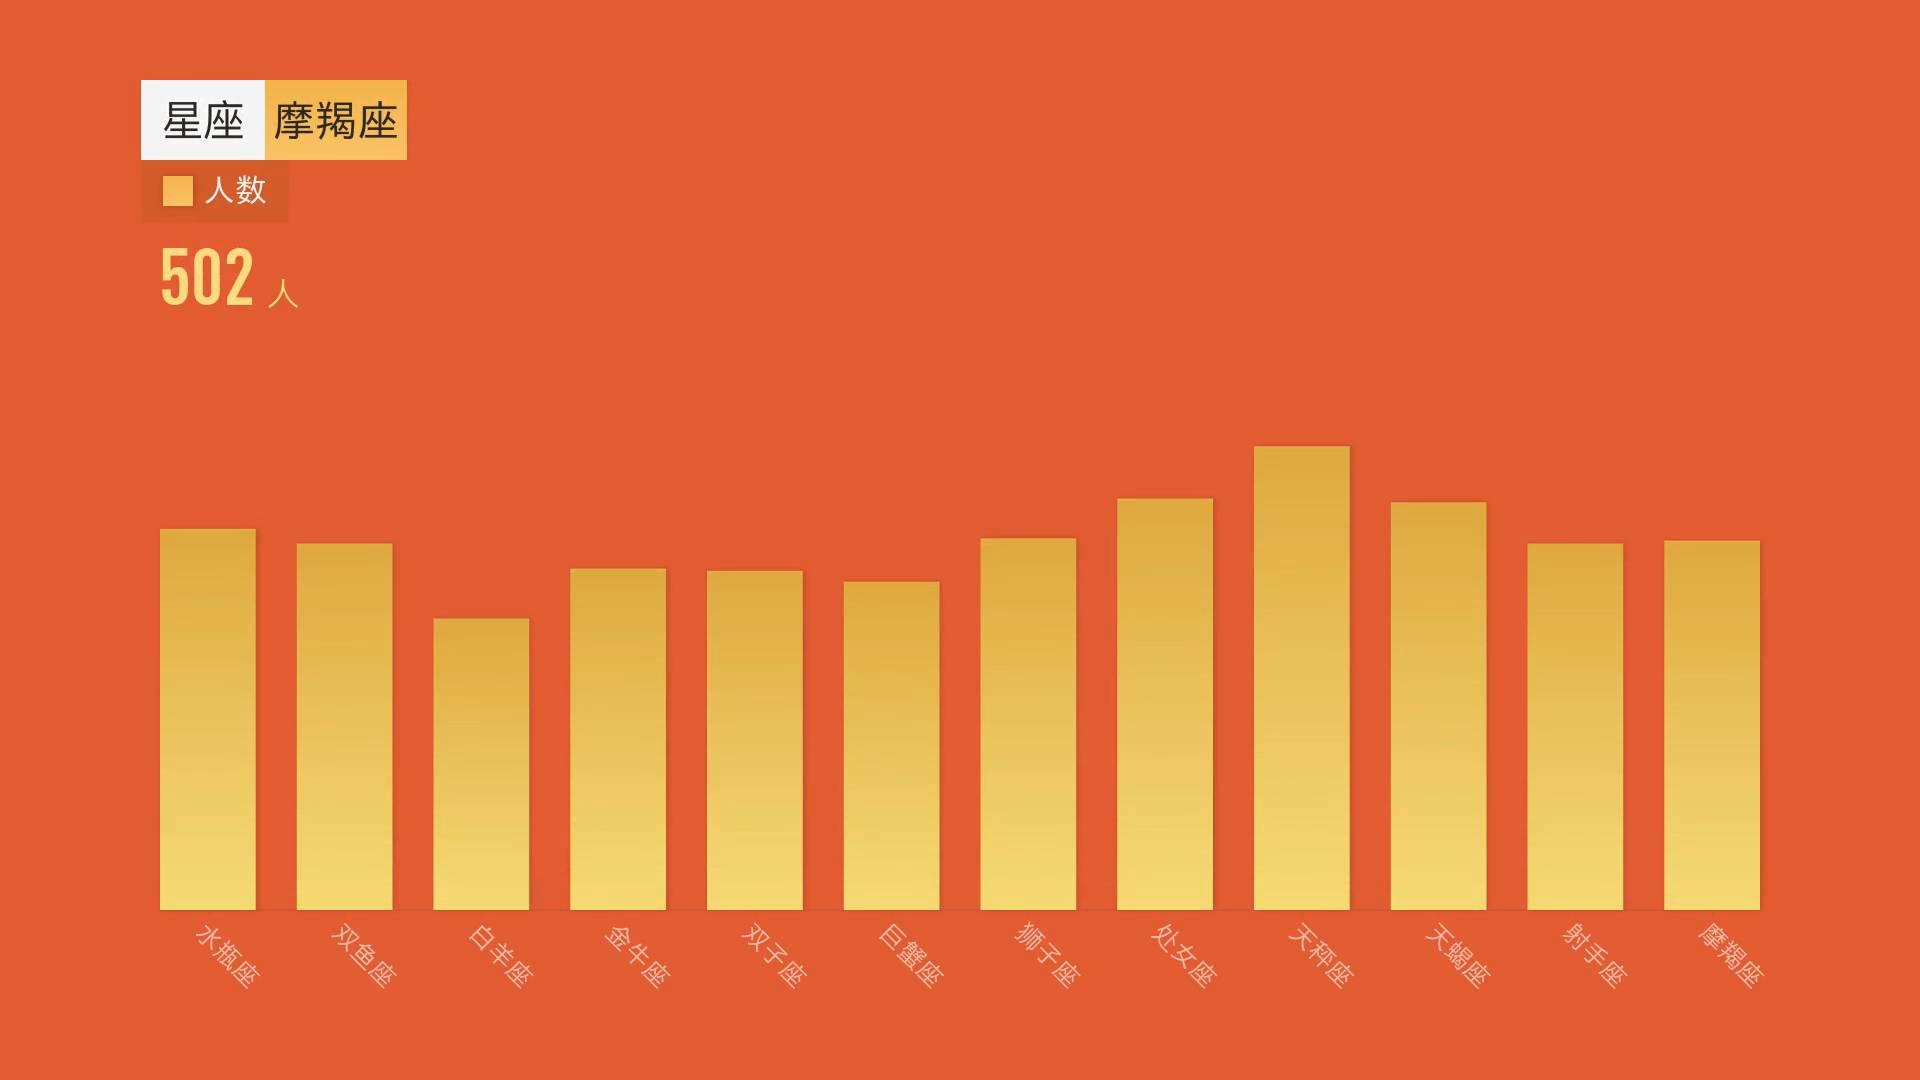 """86秒丨闪电指数:数数你的微信好友里,""""建国""""多还是""""国庆""""多?"""